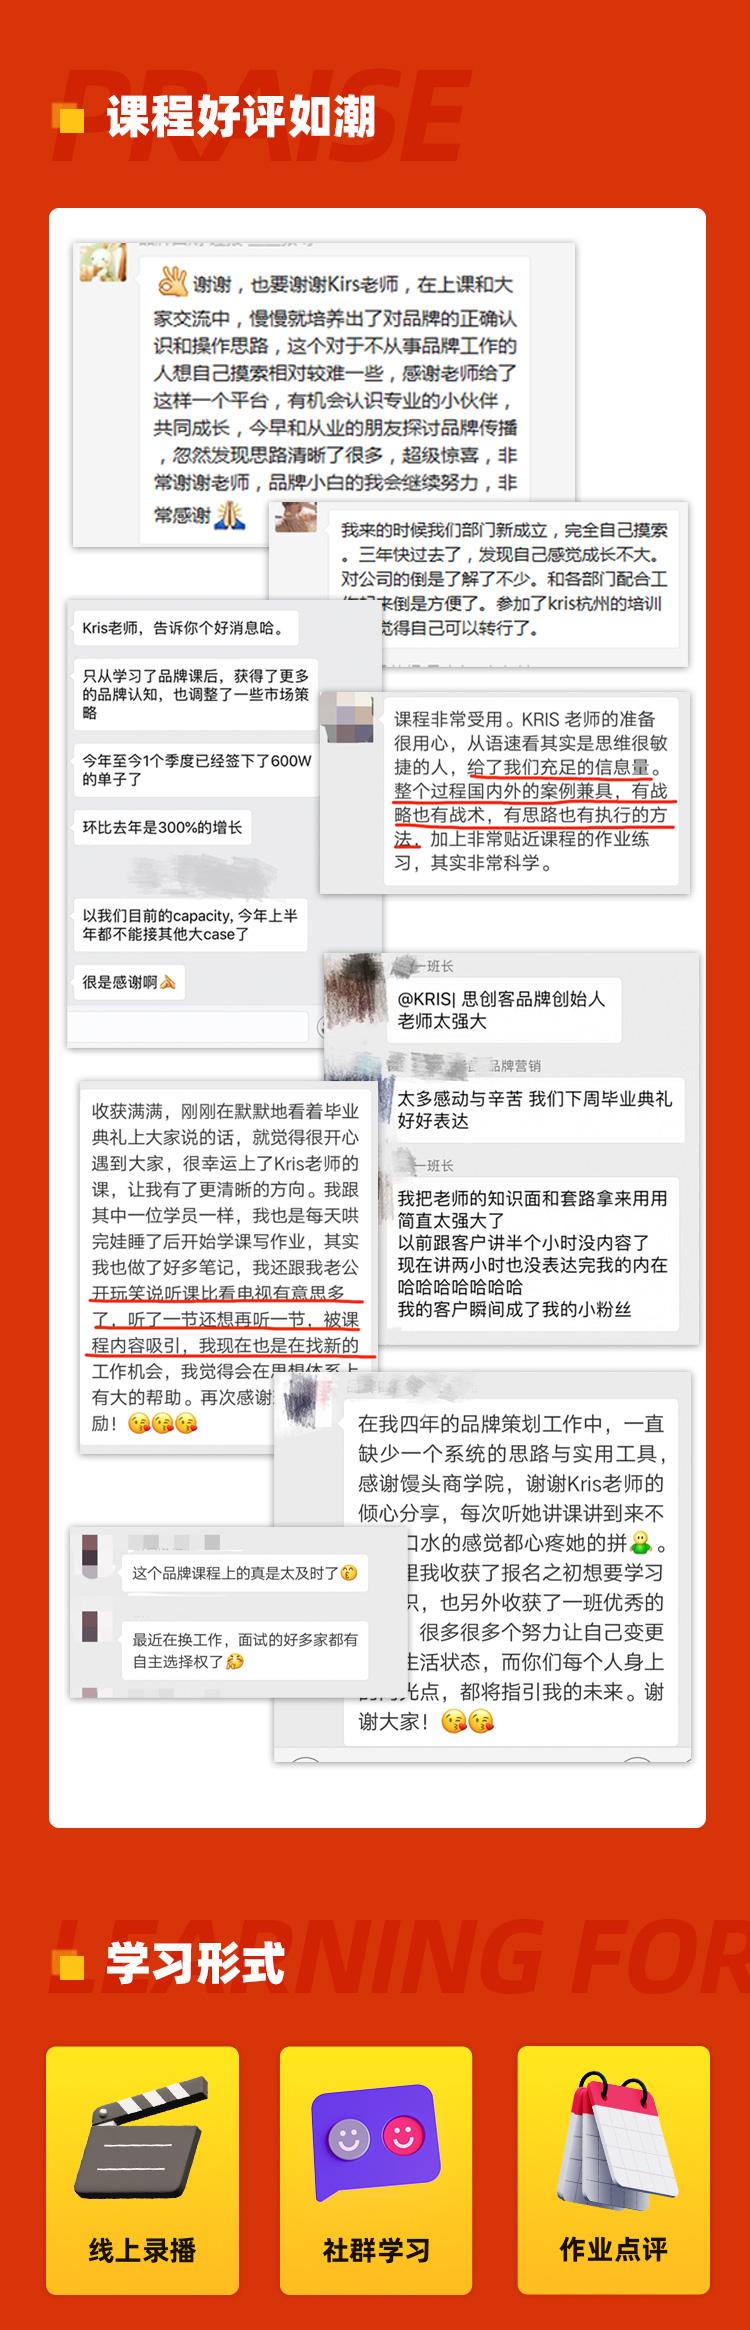 http://mtedu-img.oss-cn-beijing-internal.aliyuncs.com/ueditor/20211014140842_582714.jpg